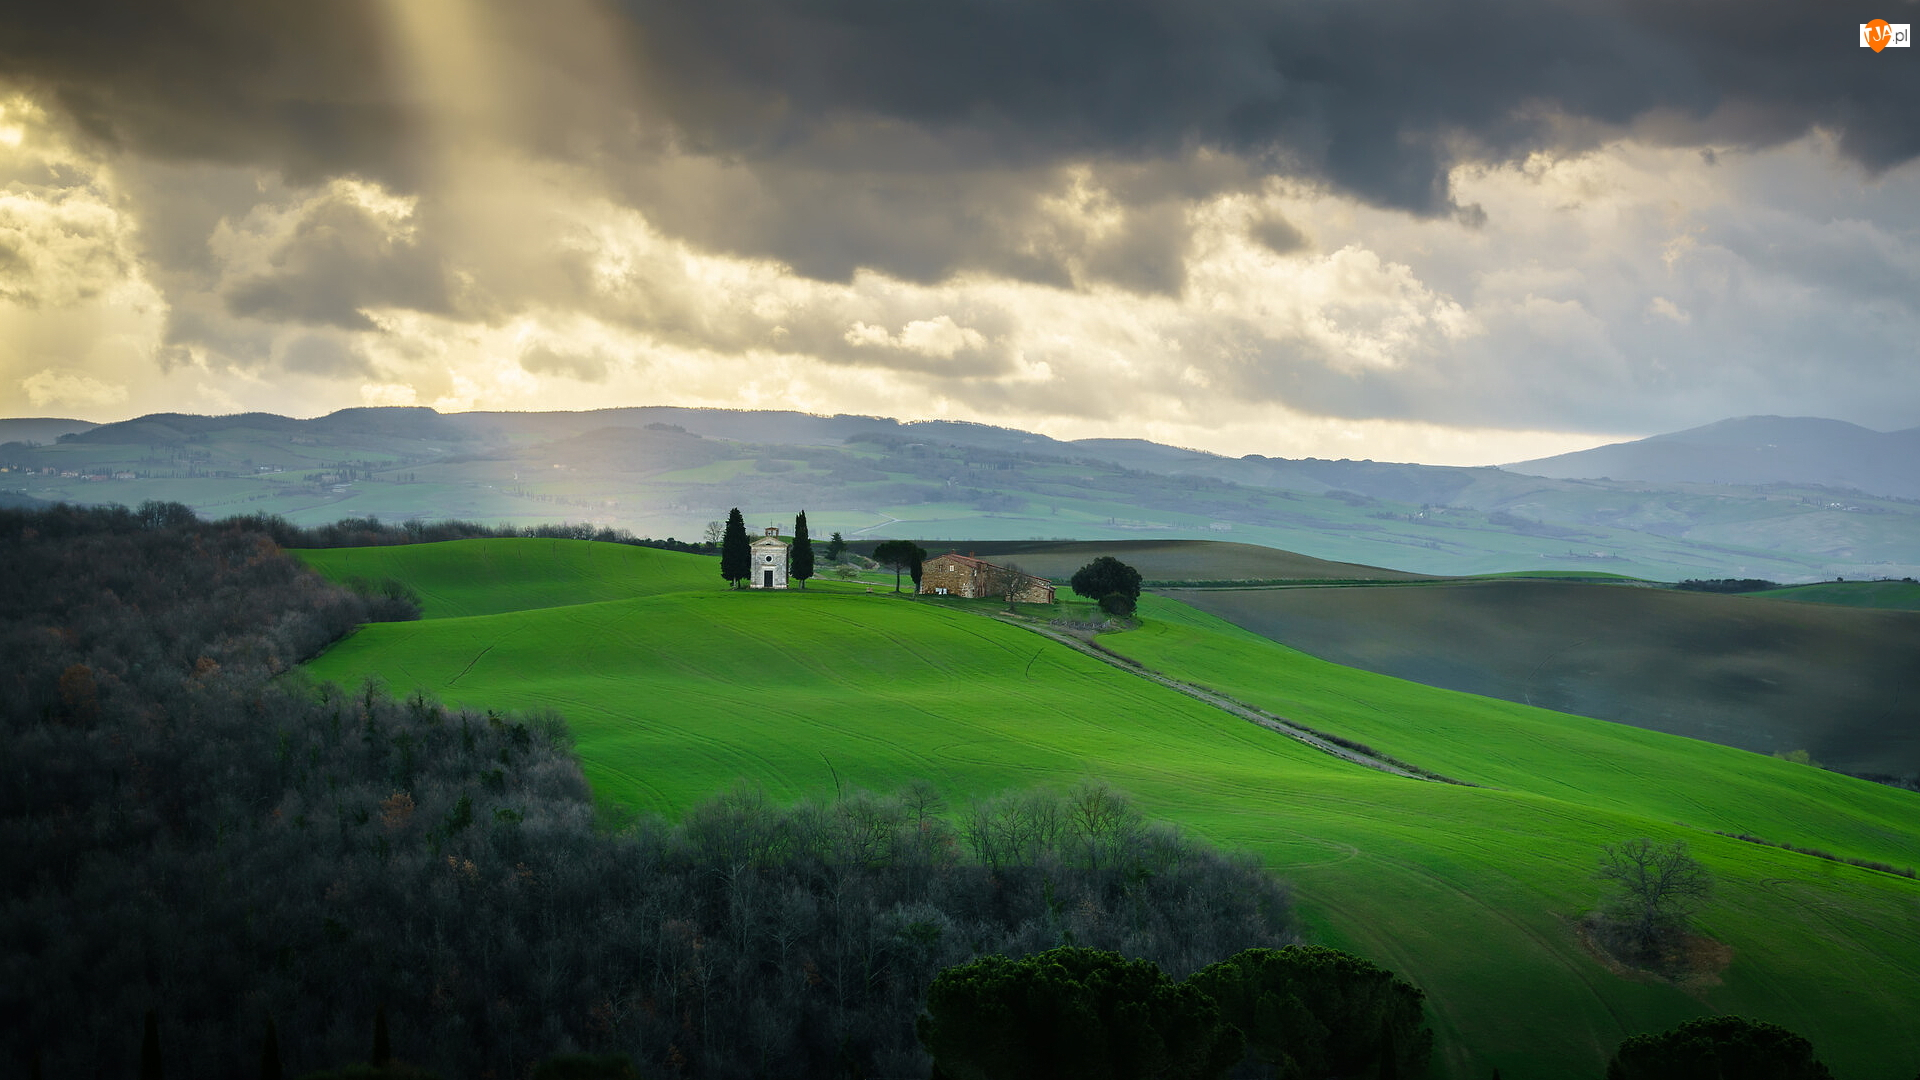 Pola, Drzewa, Włochy, Wzgórza, Toskania, Chmury, Dom